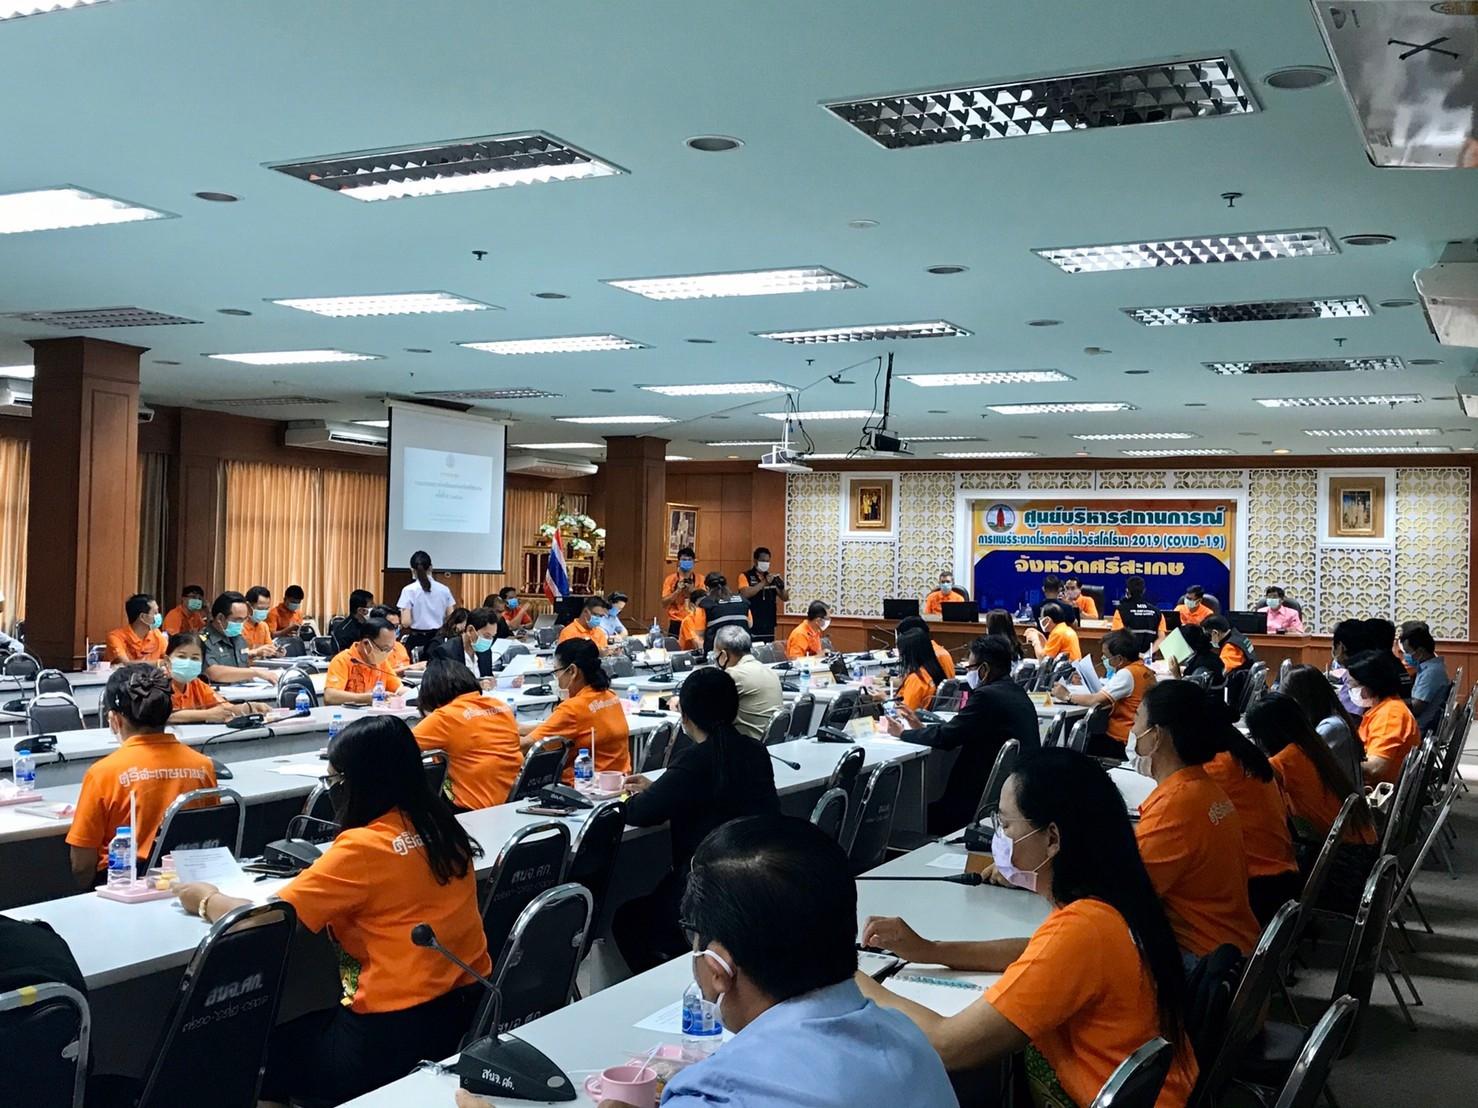 การประชุมศูนย์บริหารสถานการณ์การแพร่ระบาดโรคติดเชื้อไวรัสโคโรนา 2019 (COVID-19) จังหวัดศรีสะเกษ